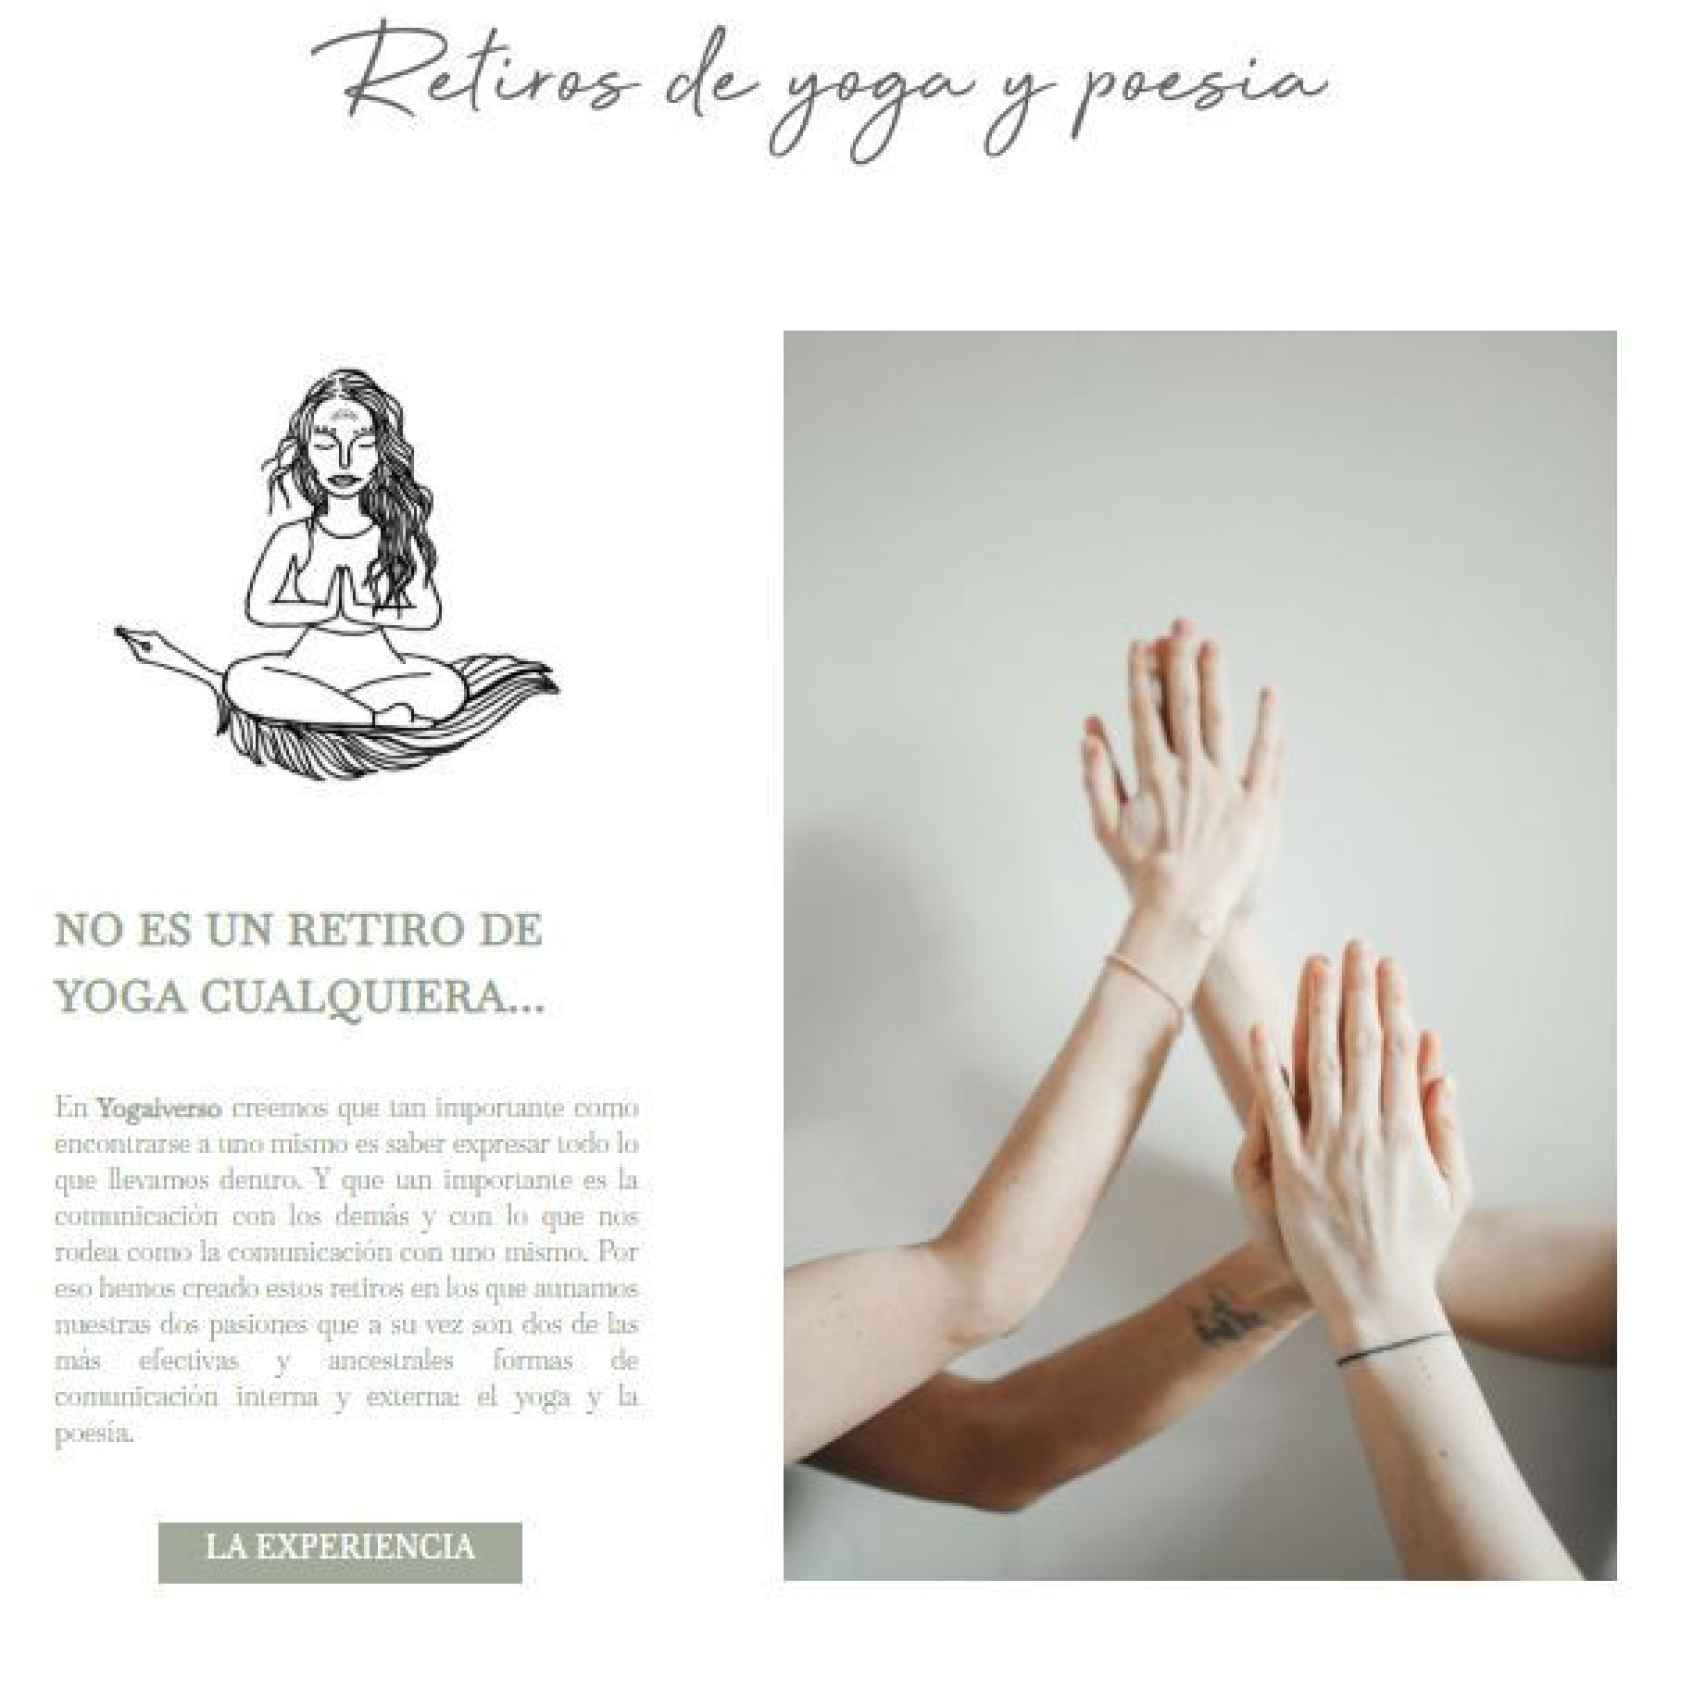 Retiros de yoga y poesía, el nuevo proyecto de Agripina.